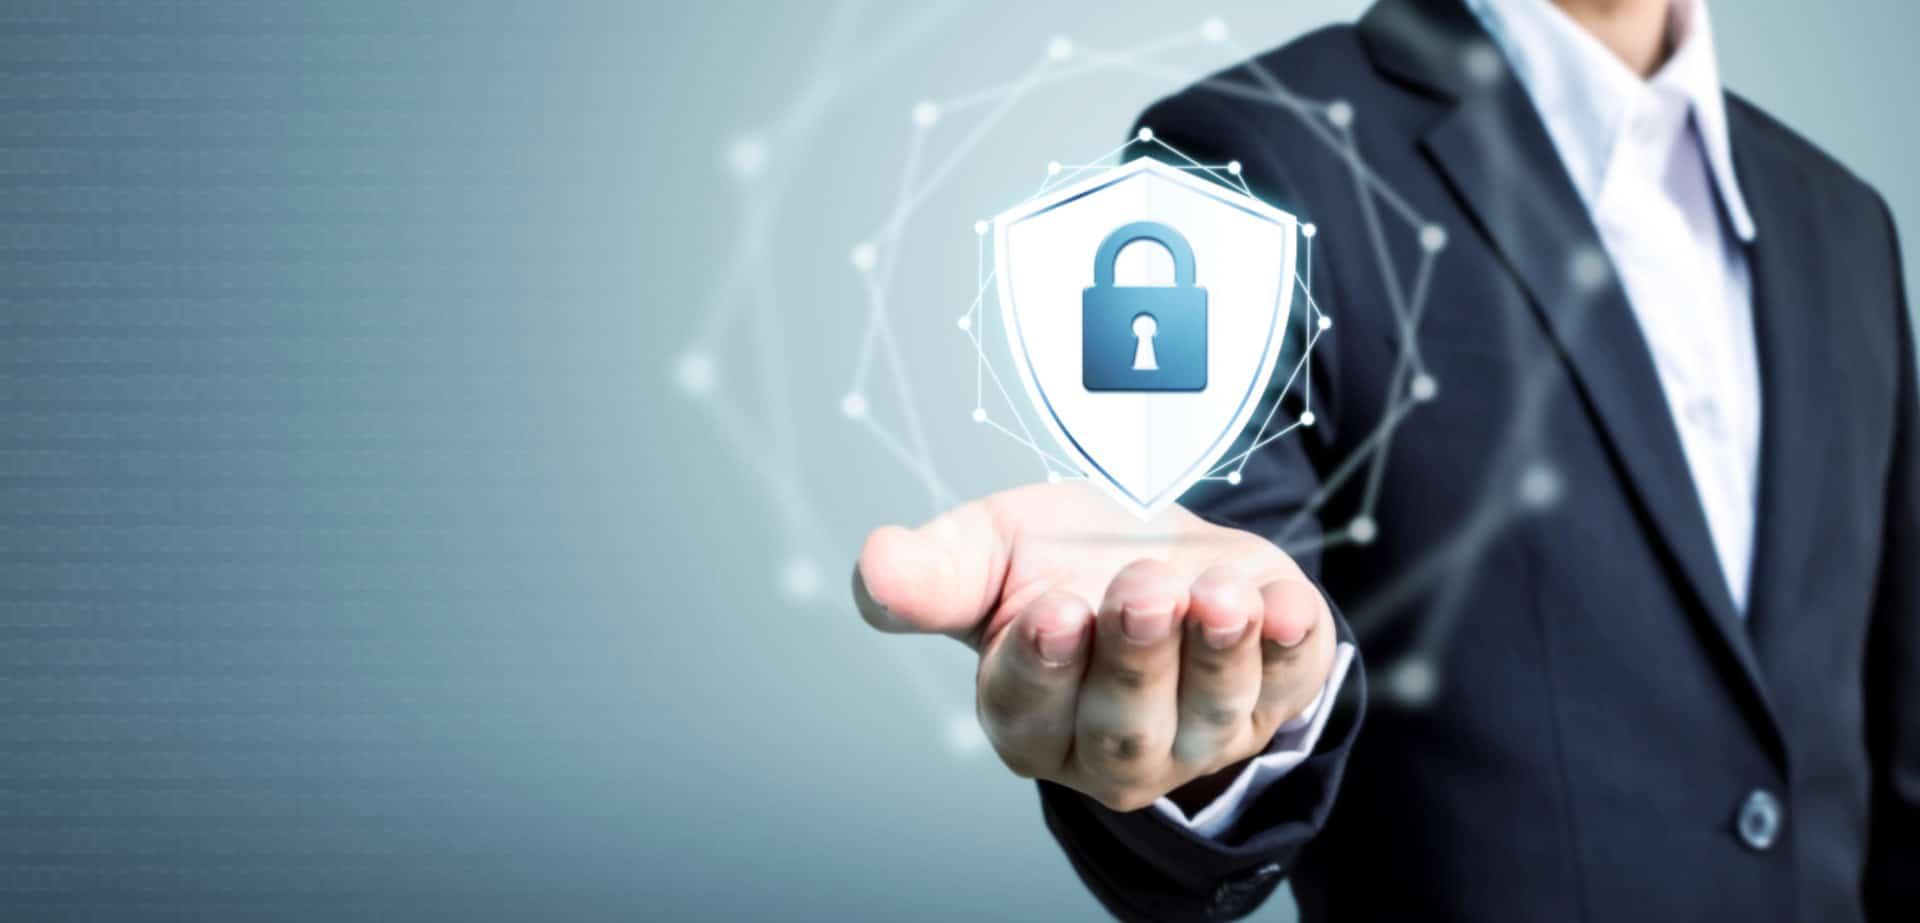 IT-Securtiy und Datenschutz für Handwerksbetriebe